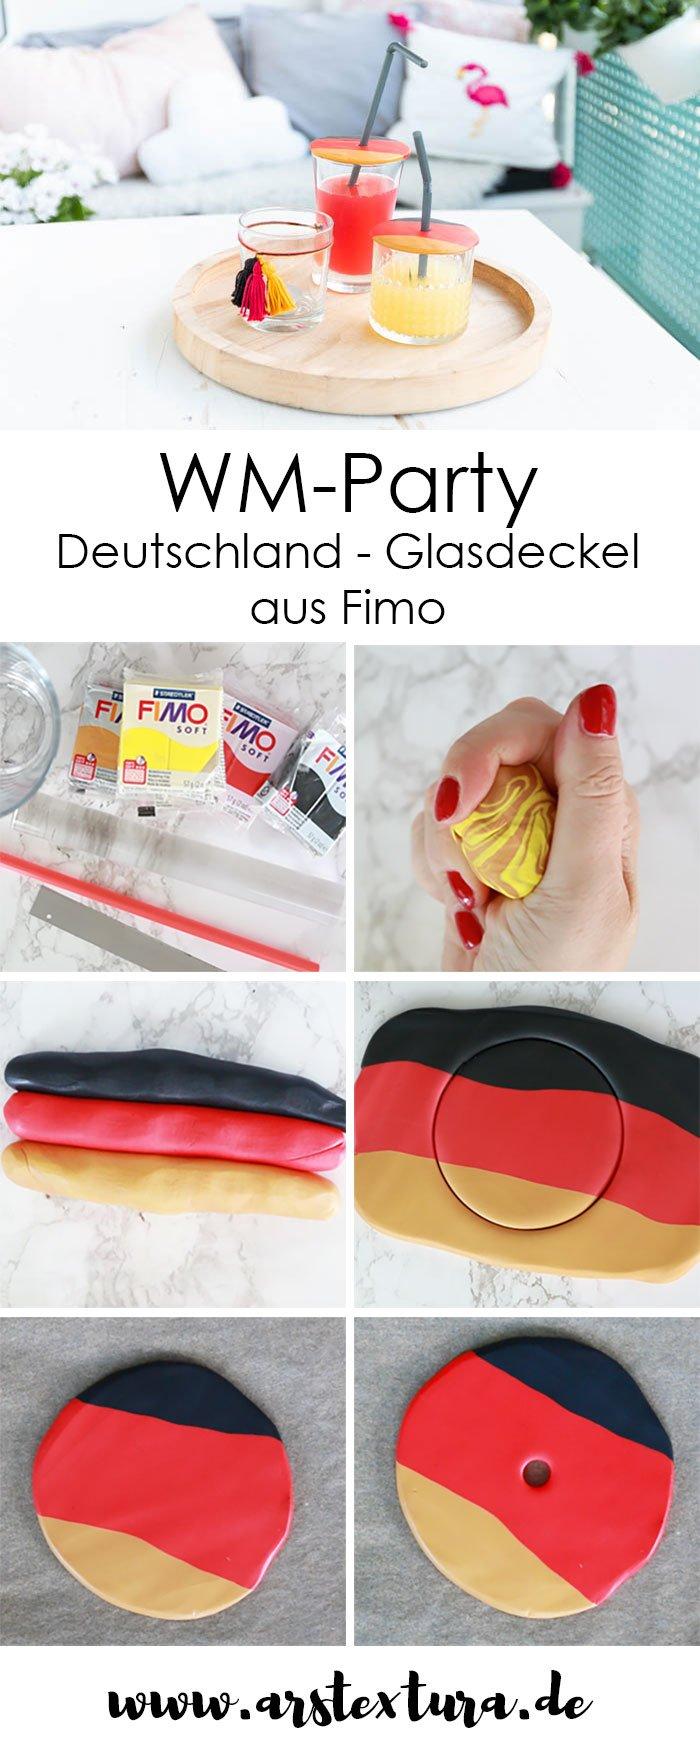 DIY Deutschland Glasdeckel in schwarz-rot-gold aus Fimo selber machen | der perfekte Insektenschutz für deine WM-Party | ars textura - DIY Blog